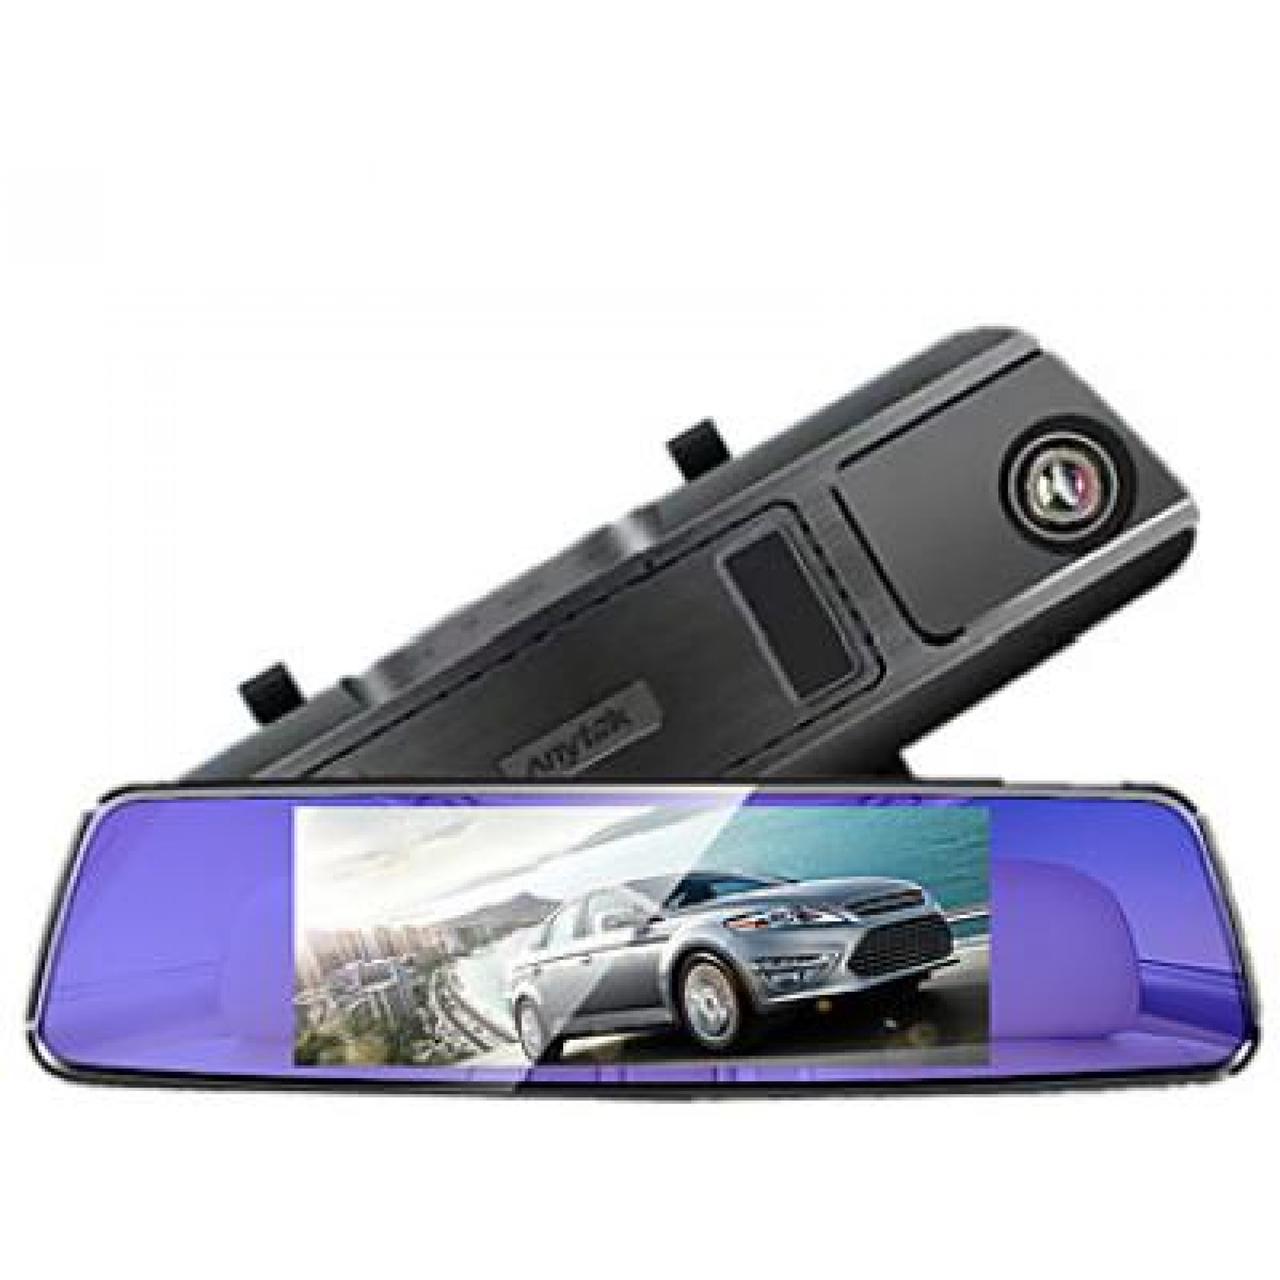 Зеркало-регистратор Anytek T77 1080p видеорегистратор  автомобильный угол обзора 170° + камера заднего вида